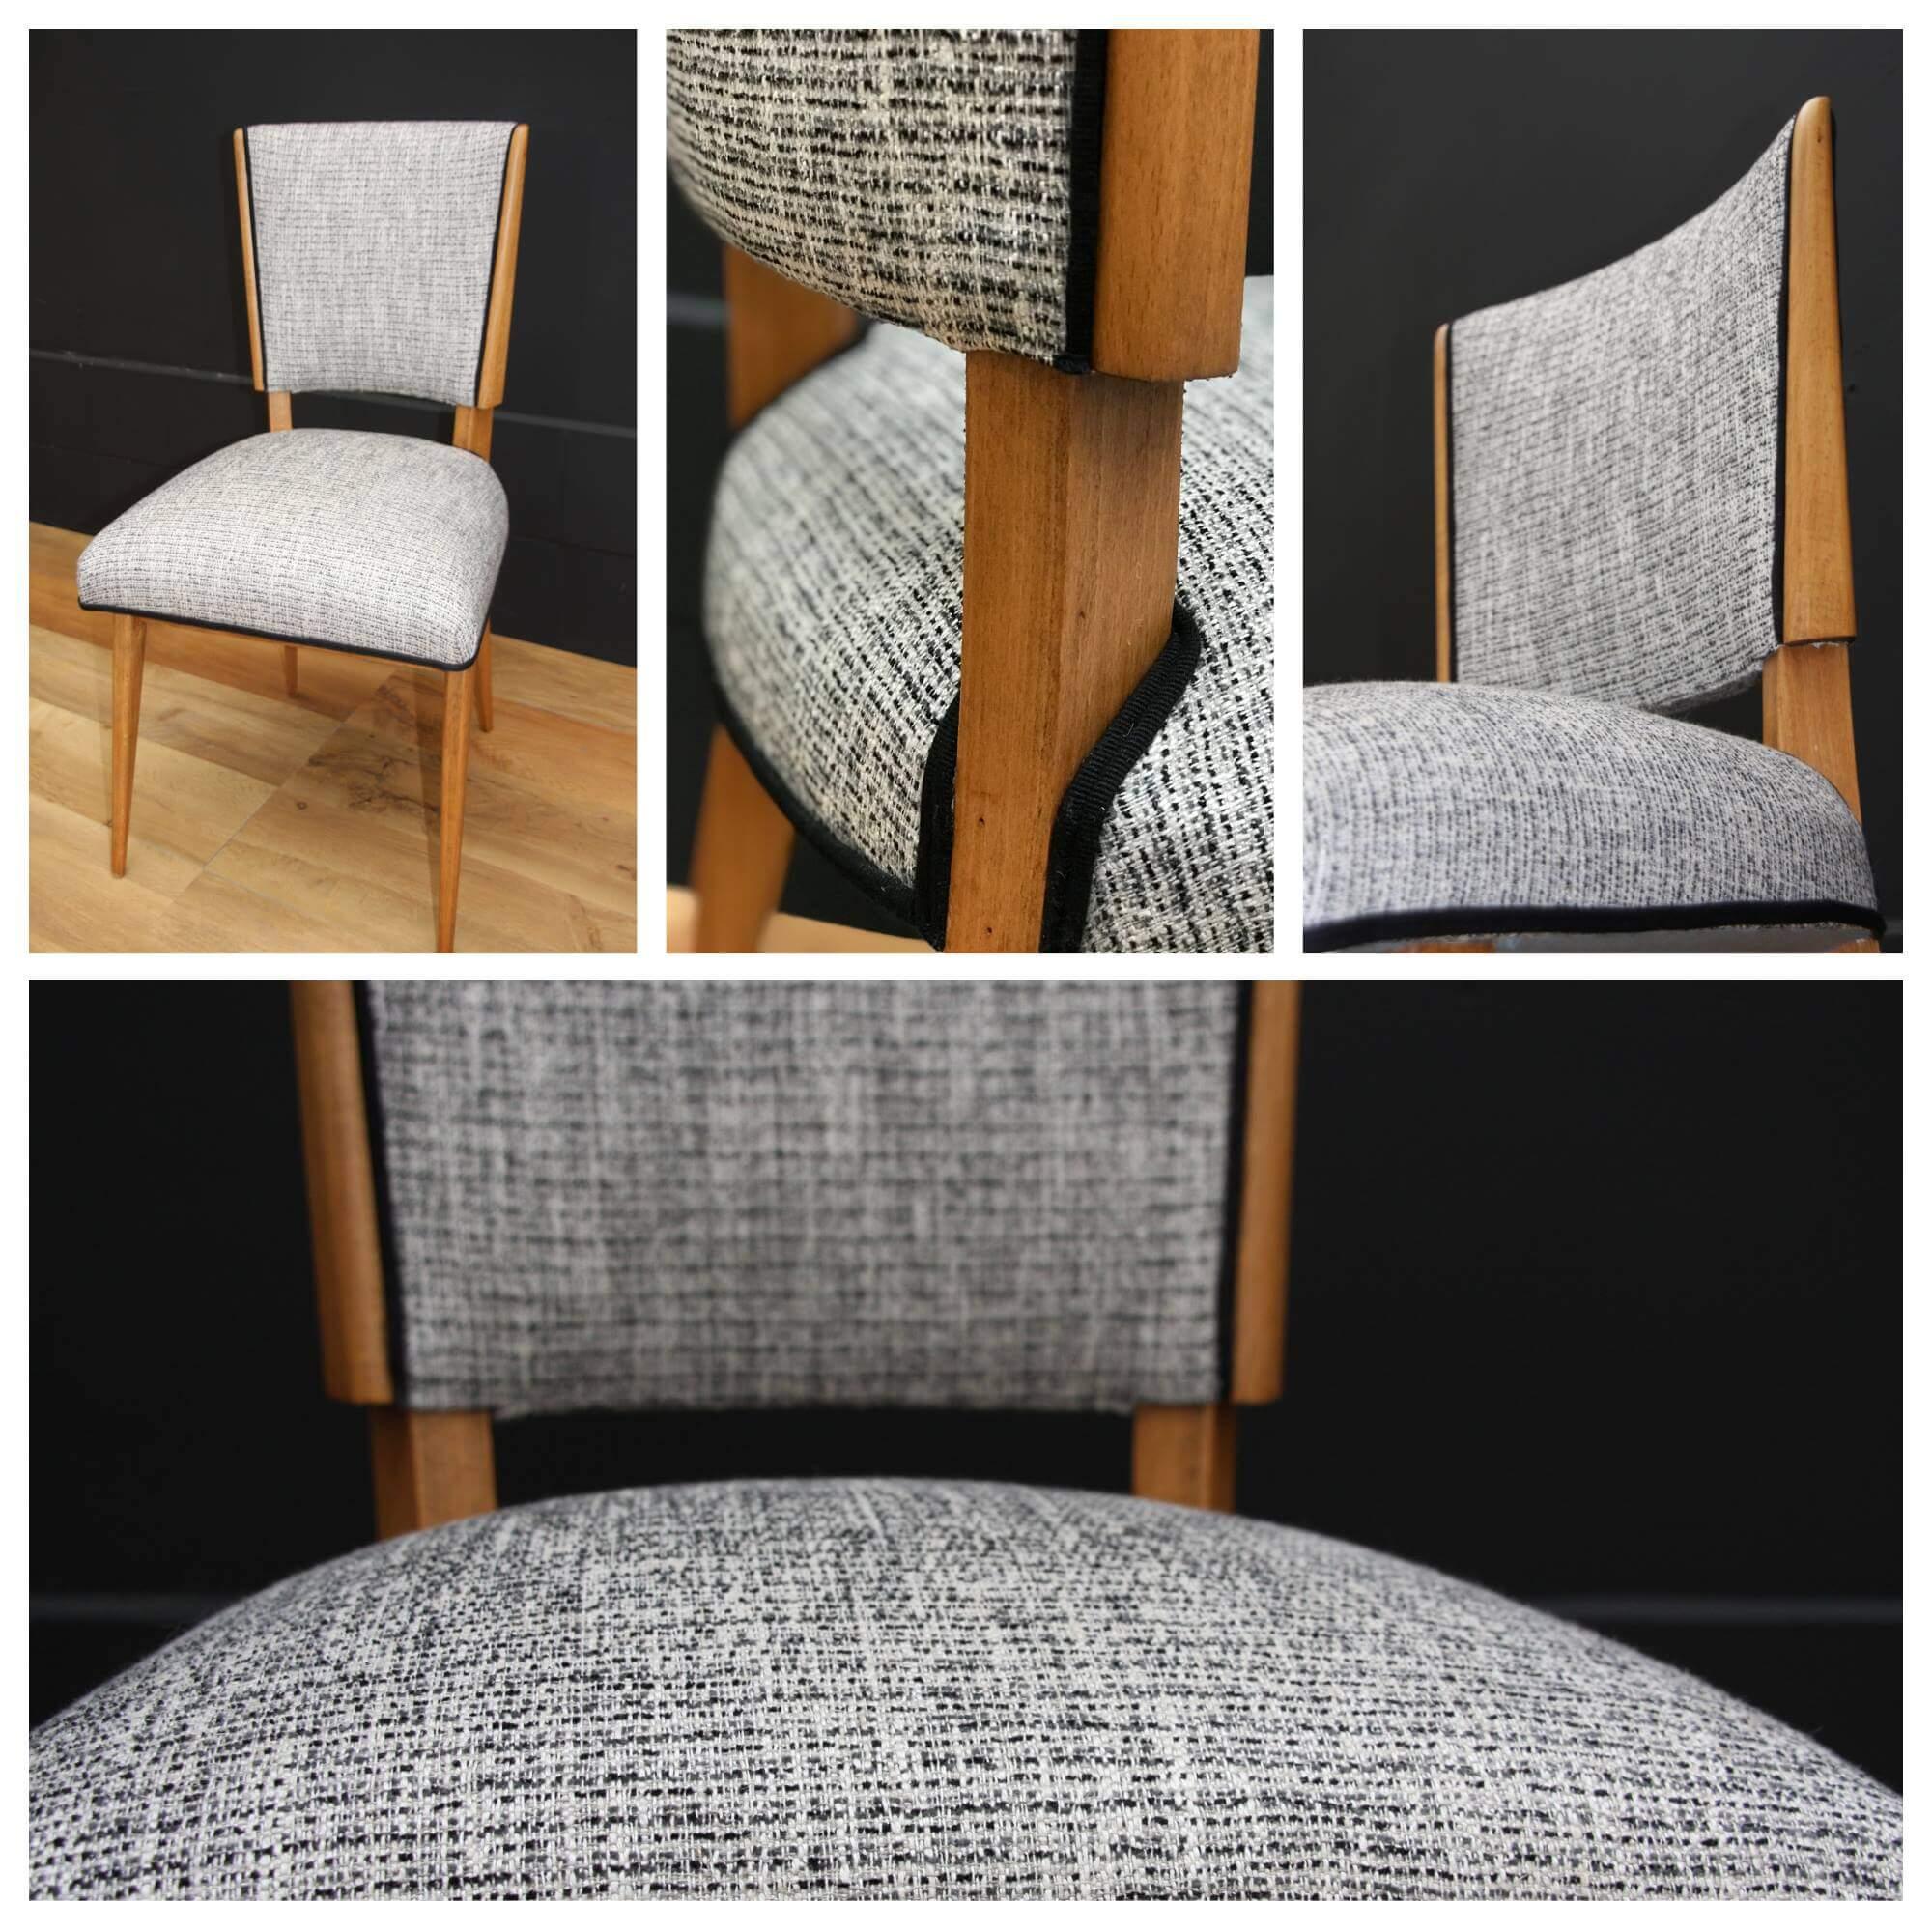 chaise ann es 60 tweed noir et blanc les t tes chineuses. Black Bedroom Furniture Sets. Home Design Ideas